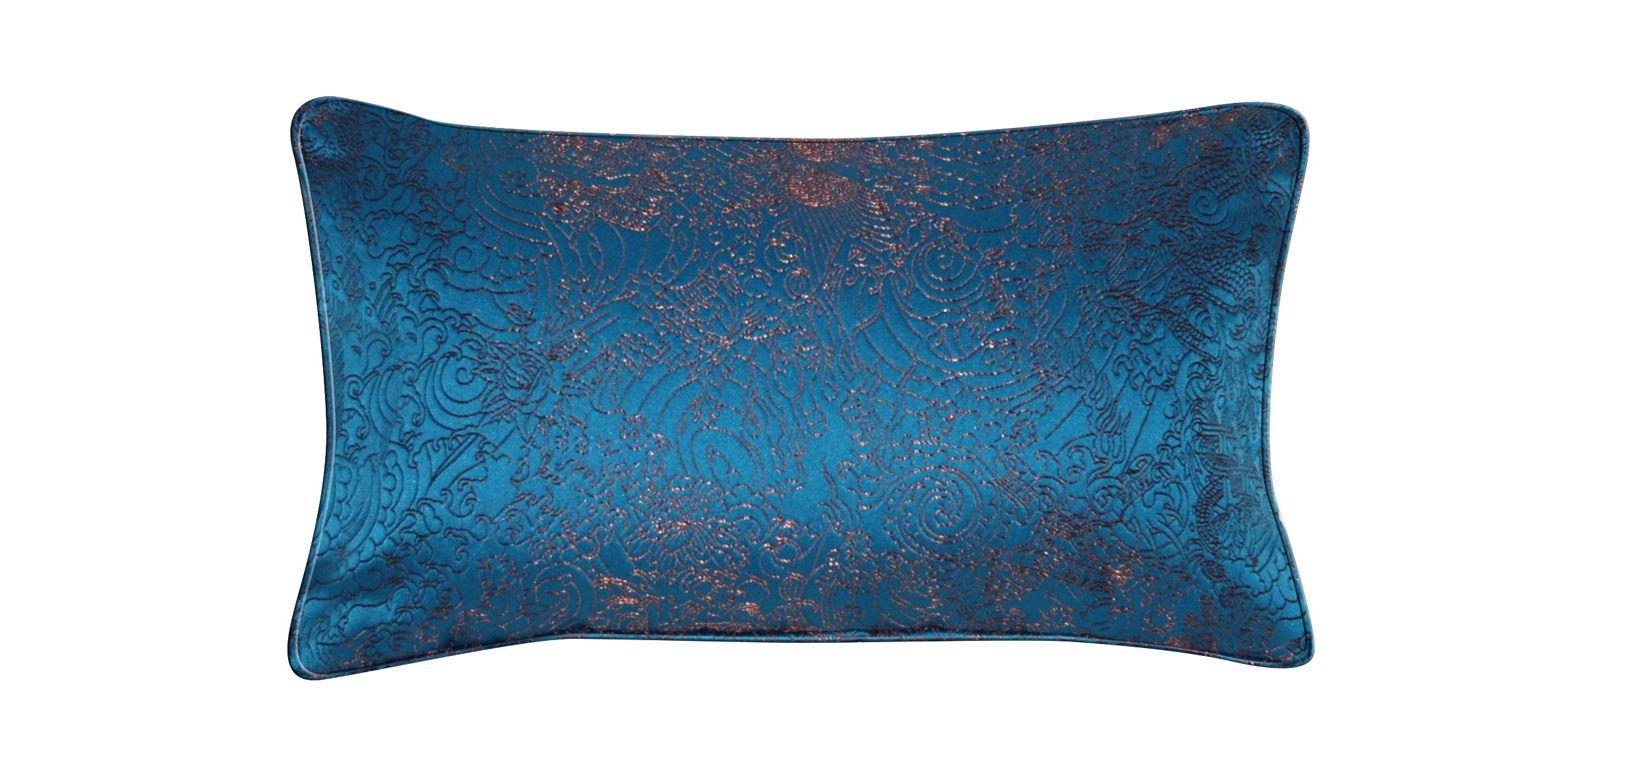 Tissu Jean Paul Gaultier gravure - jean paul gaultier cushion | roche bobois